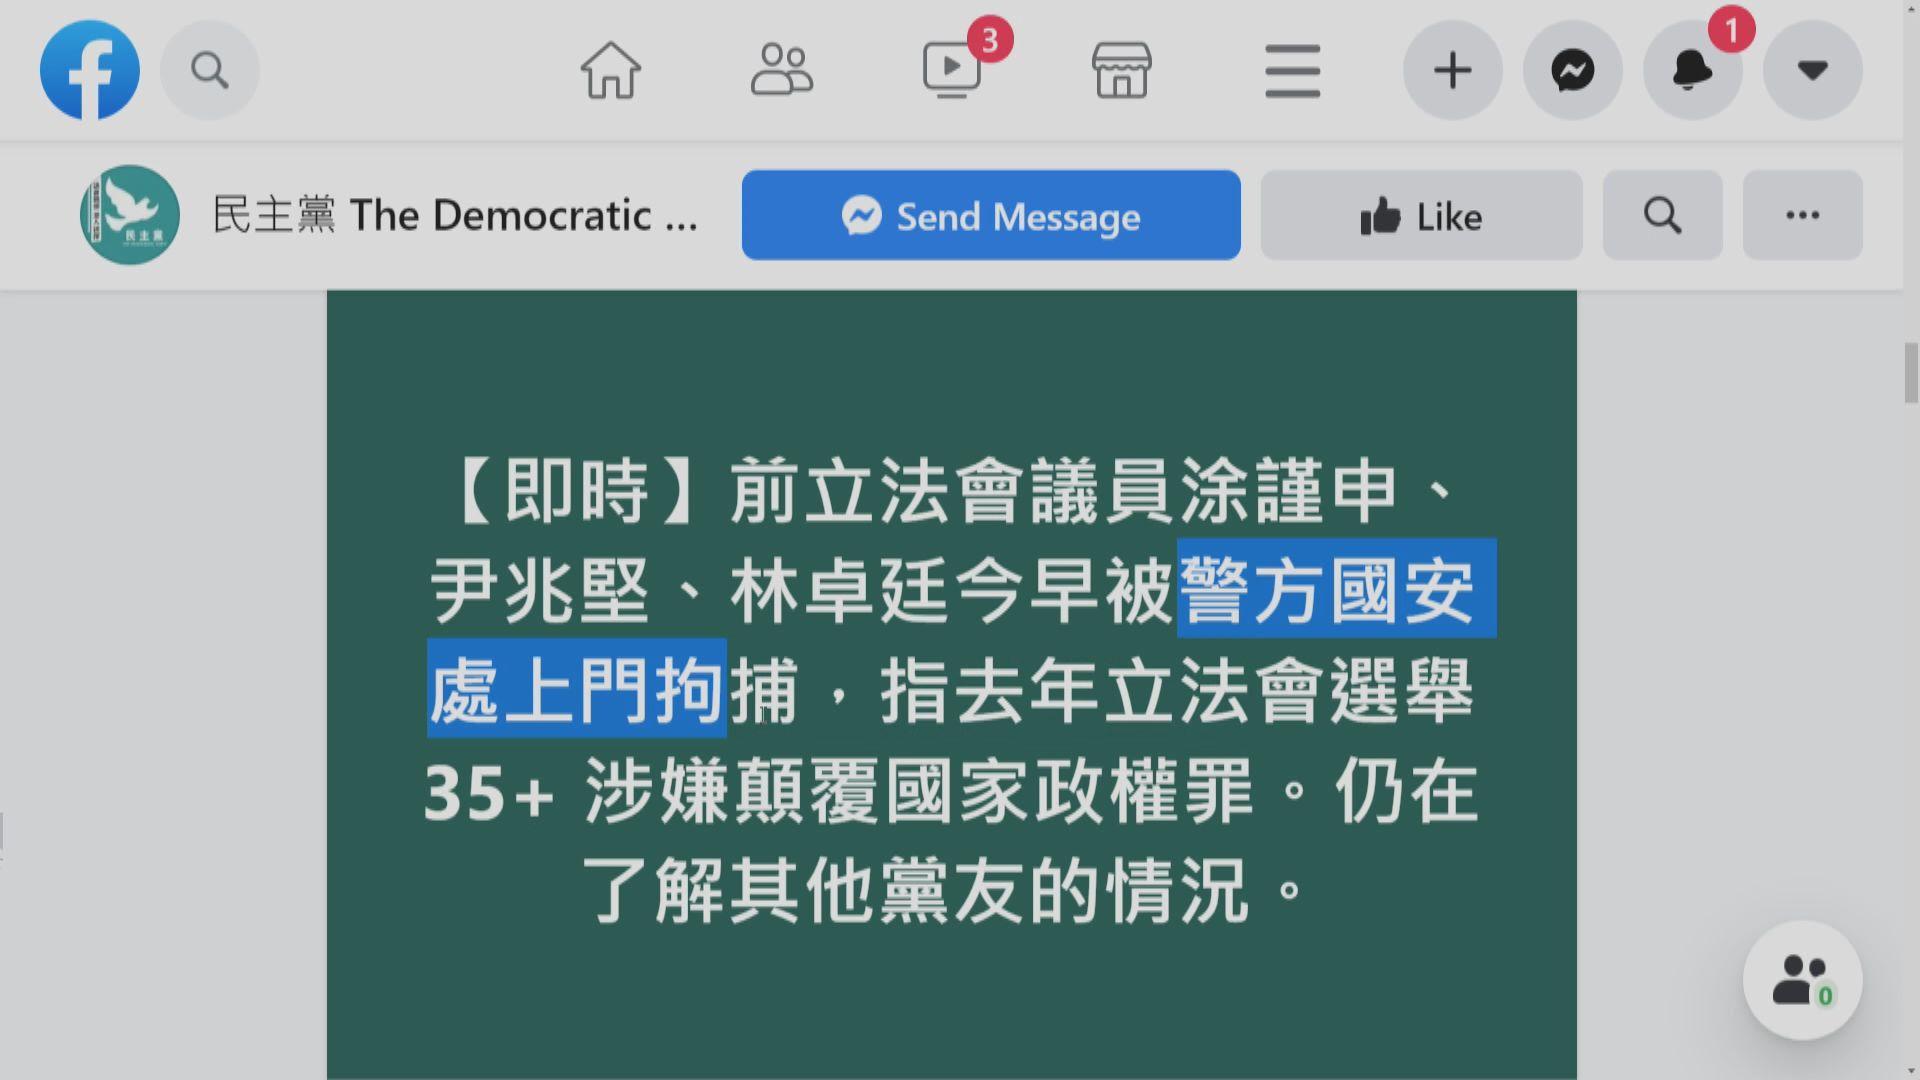 范國威及林卓廷等被捕 涉初選顛覆國家政權罪